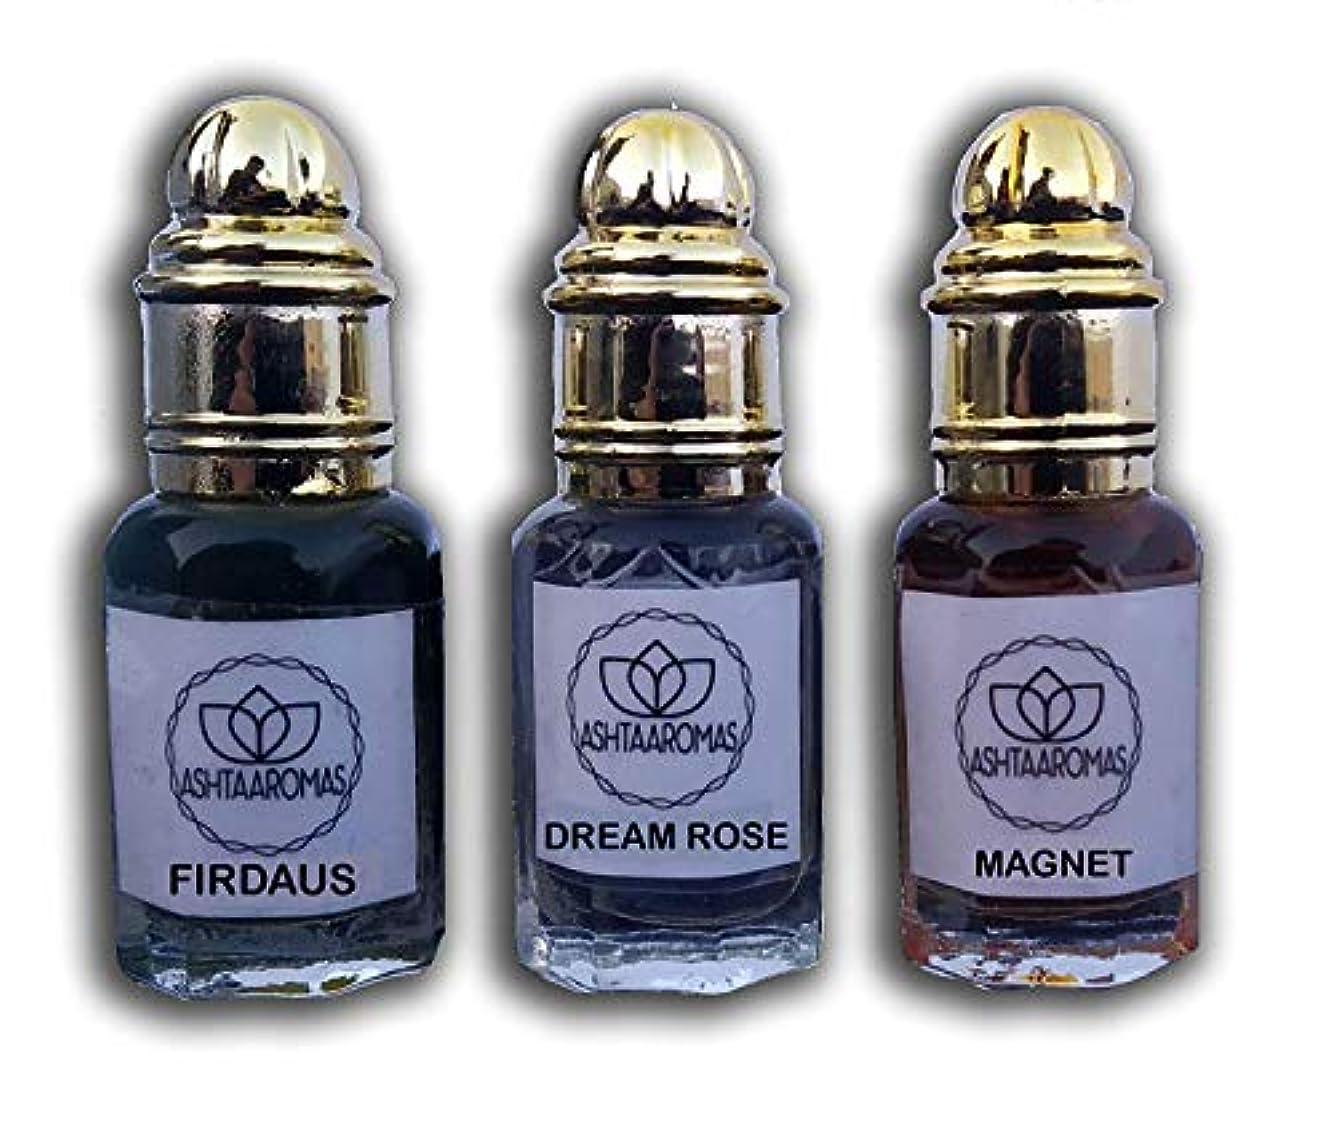 露揃えるシネウィハーブアター(8 MLごとに)持続3つのアターフィルダウス、ドリームローズとカストリアターロングのコンボ|アターITRA最高品質の香水はアターを持続長いスプレー